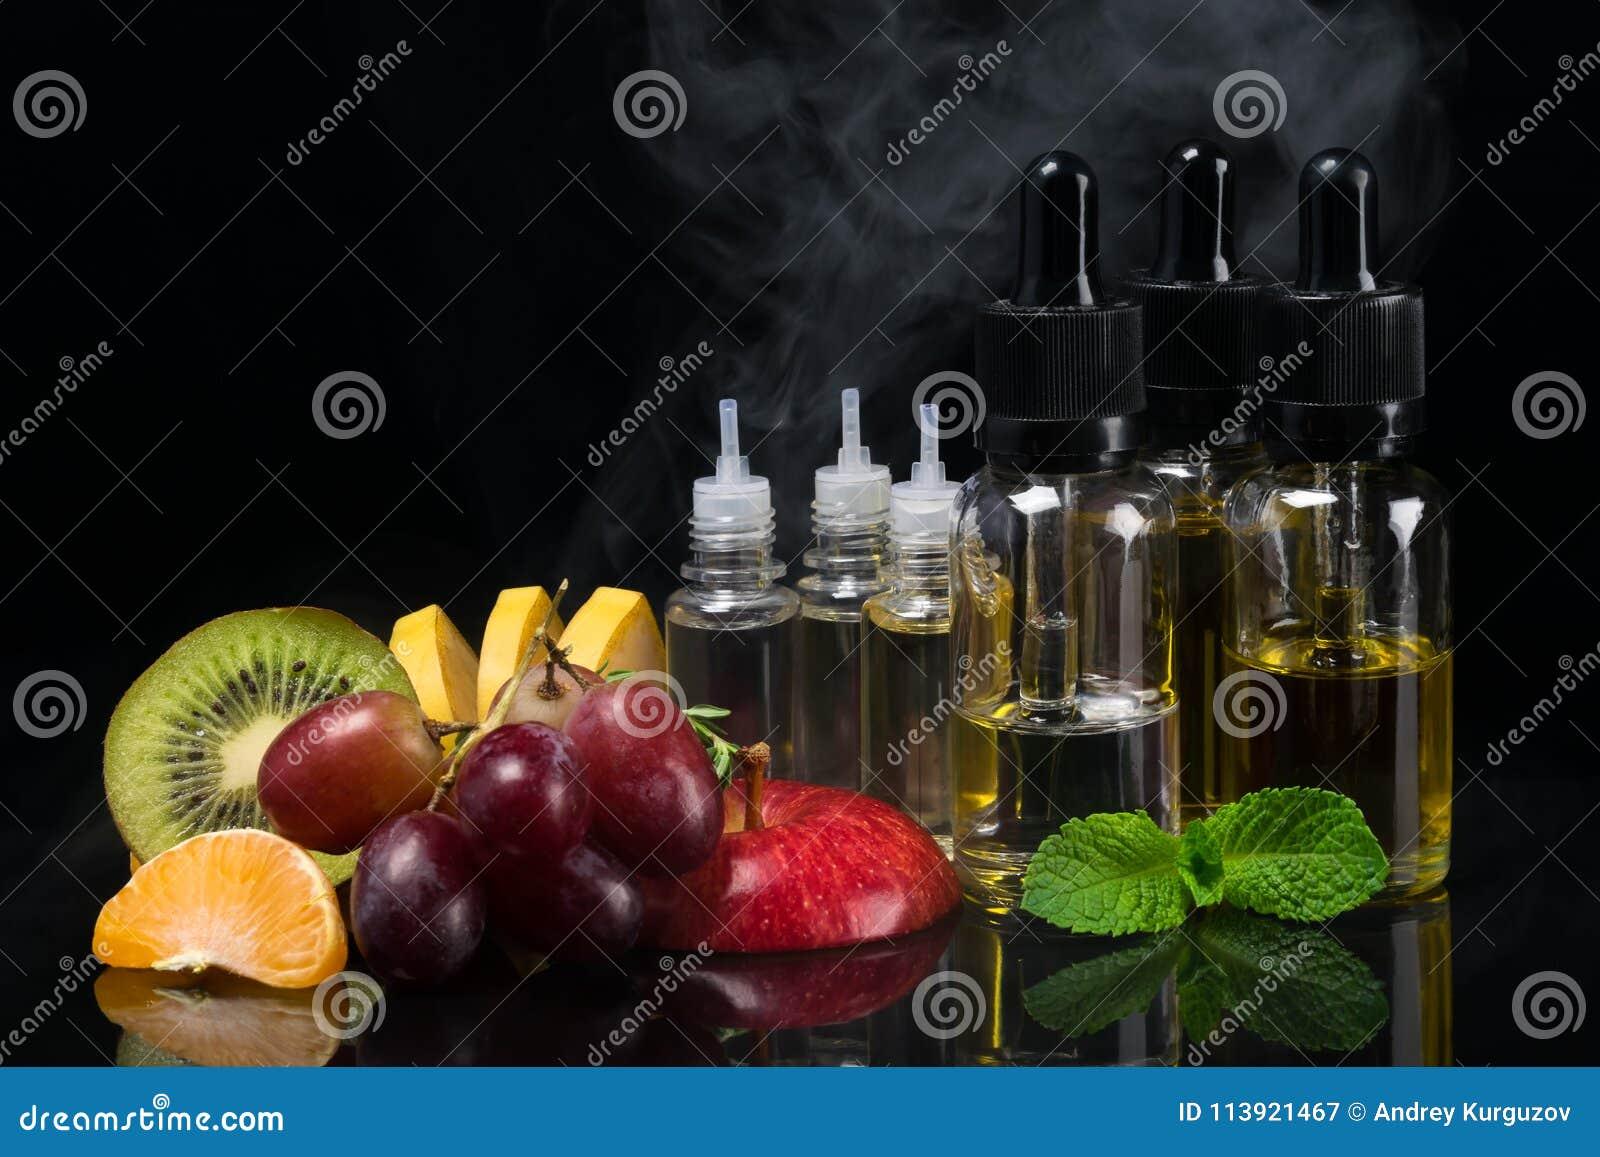 Fruit et saveurs dans des bouteilles pour une cigarette électronique, concept sur un fond noir avec une vapeur